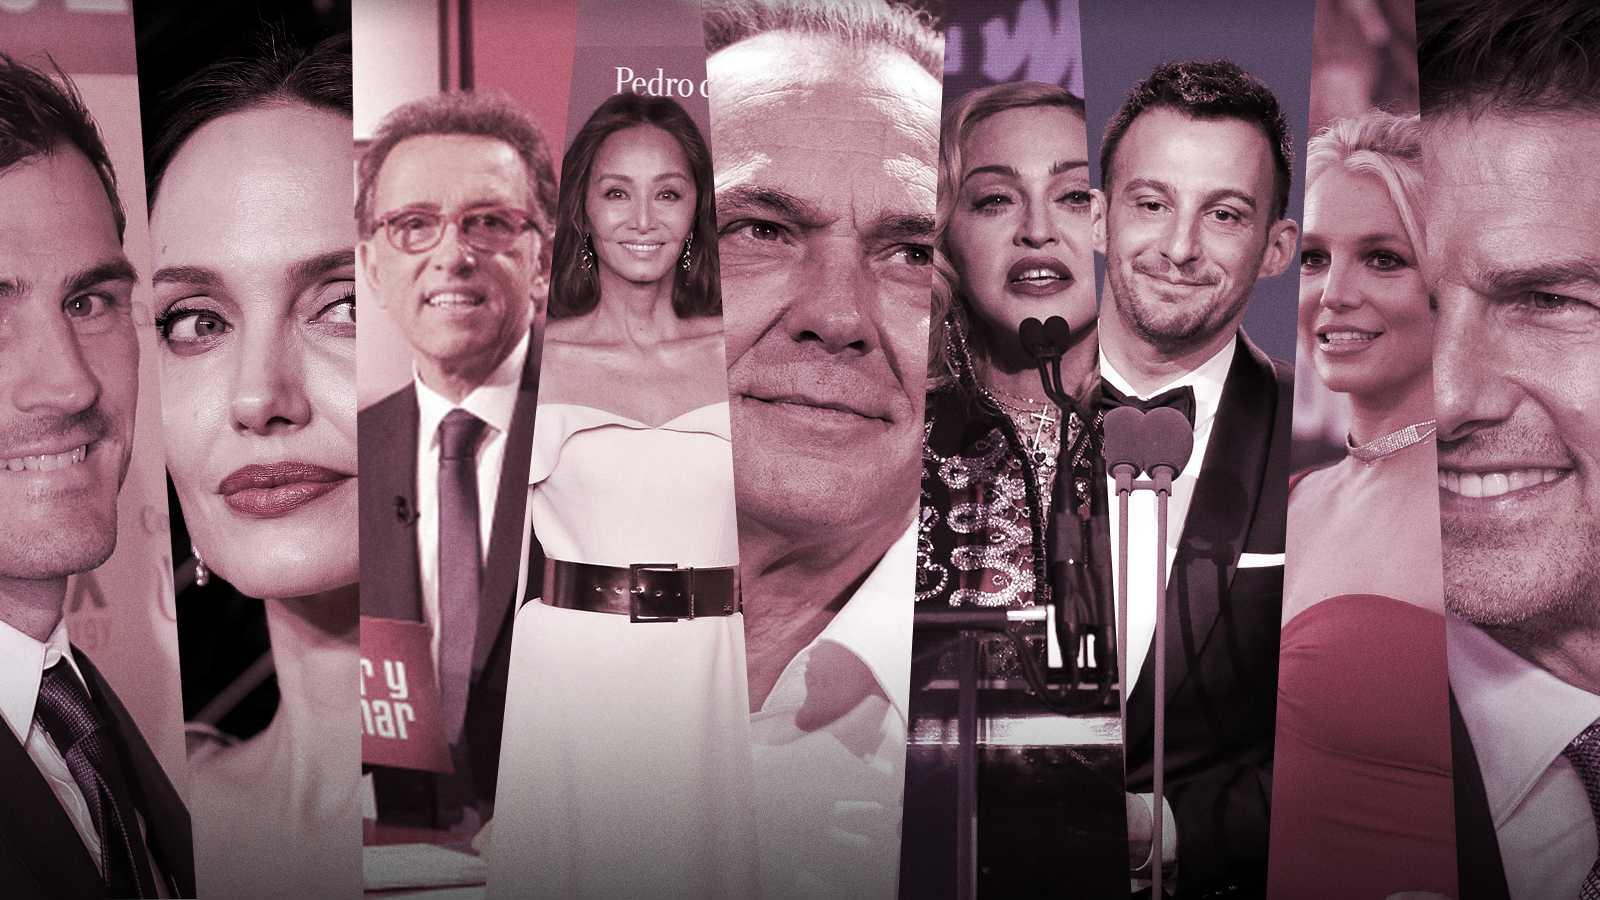 ¿Cuántos años tienen los famosos? Iker Casillas, Angelina Jolie, Jordi Hurtado, Isabel Preysler, José Coronado, Madonna, Alejandro Amenábar, Britney Spears y Tom Cruise